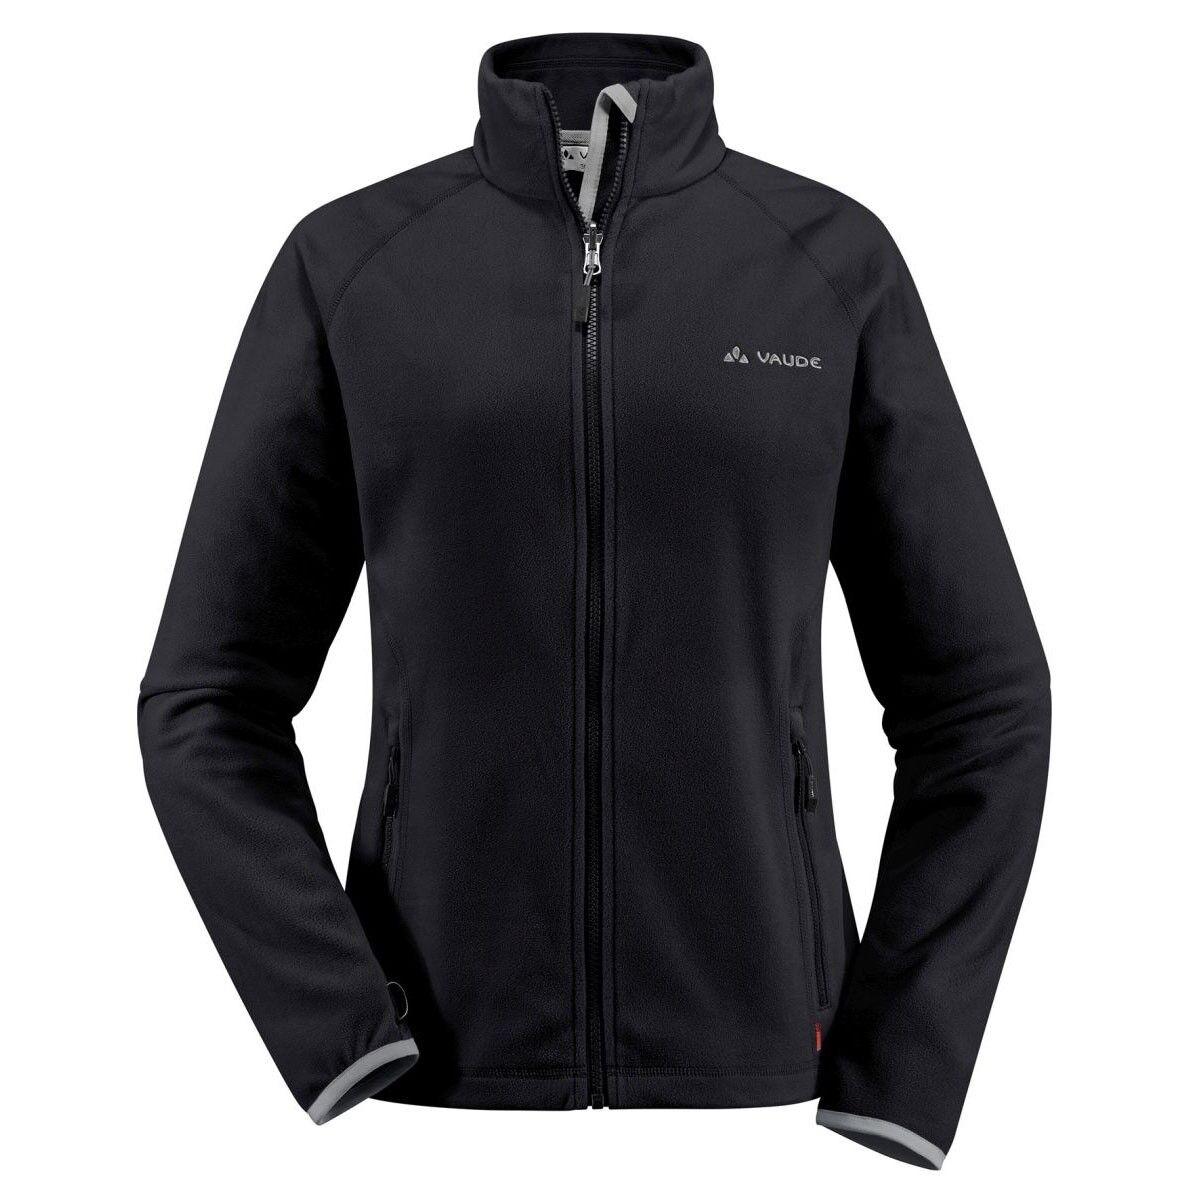 VAUDE Smaland Jacket Damen Damen Damen Fleecejacke schwarz 730210